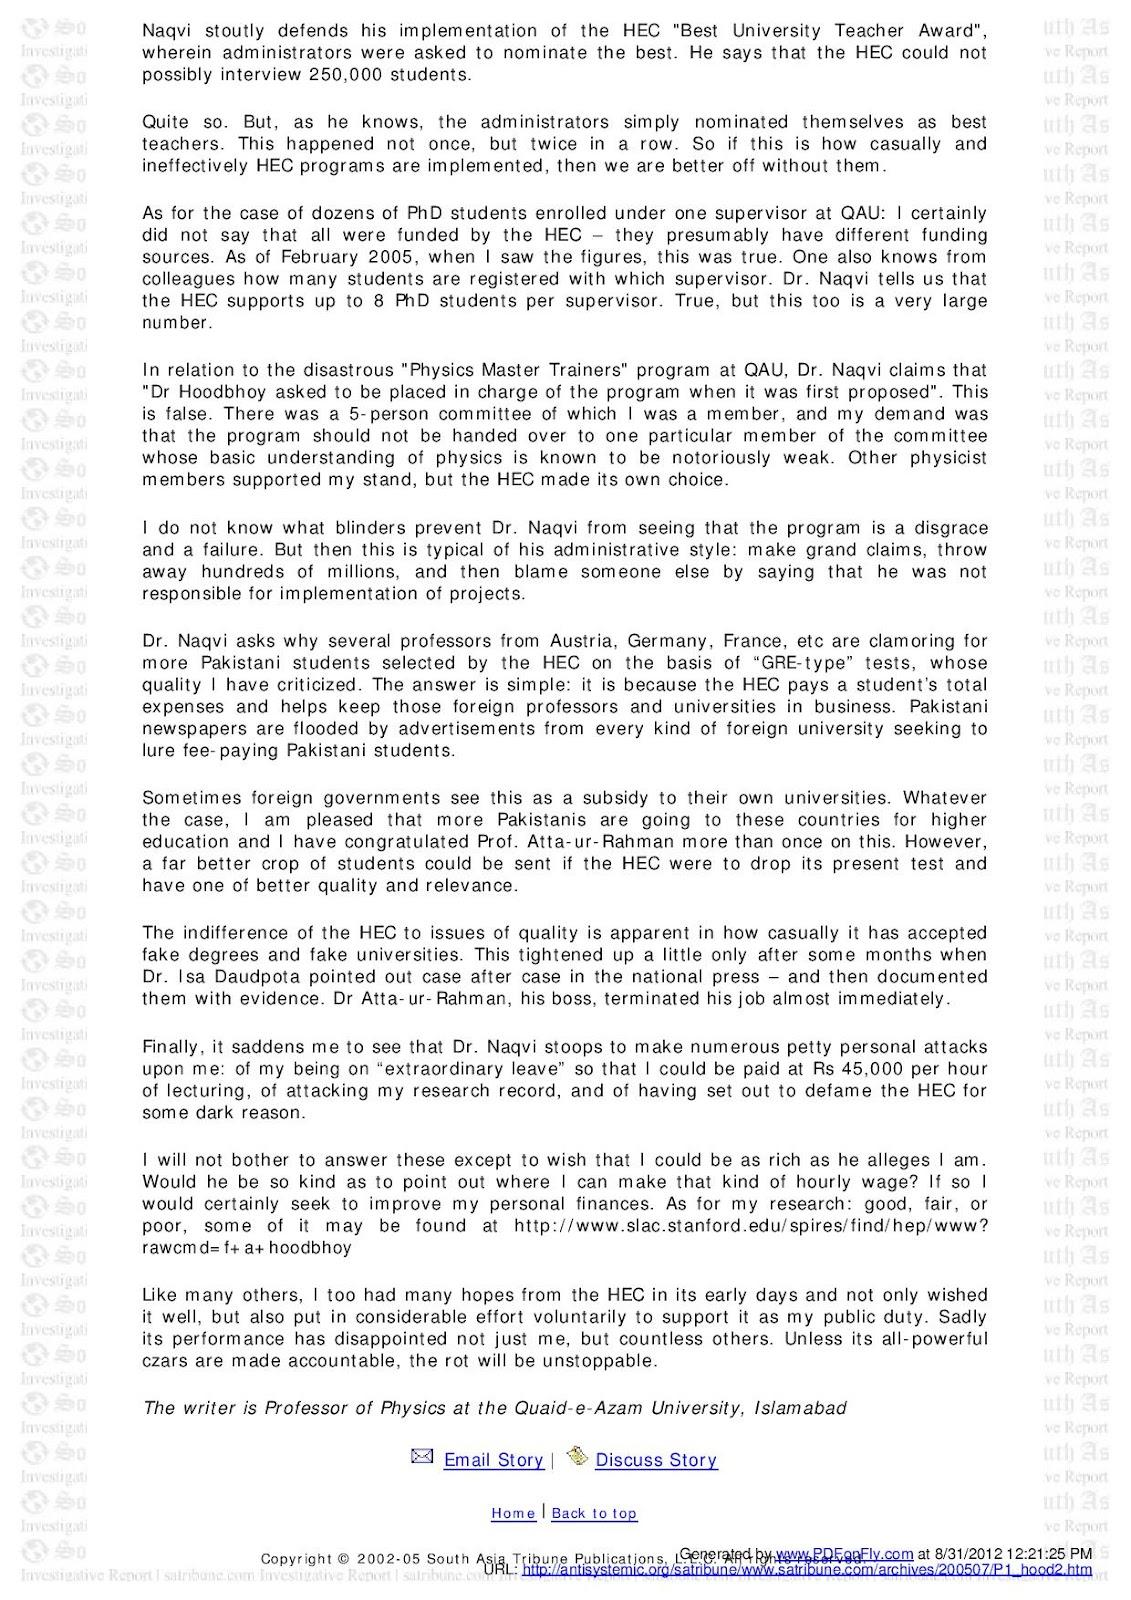 Chagatai Khan: Dementia: Dr  Abdul Qadeer Khan & Dr  Atta-ur